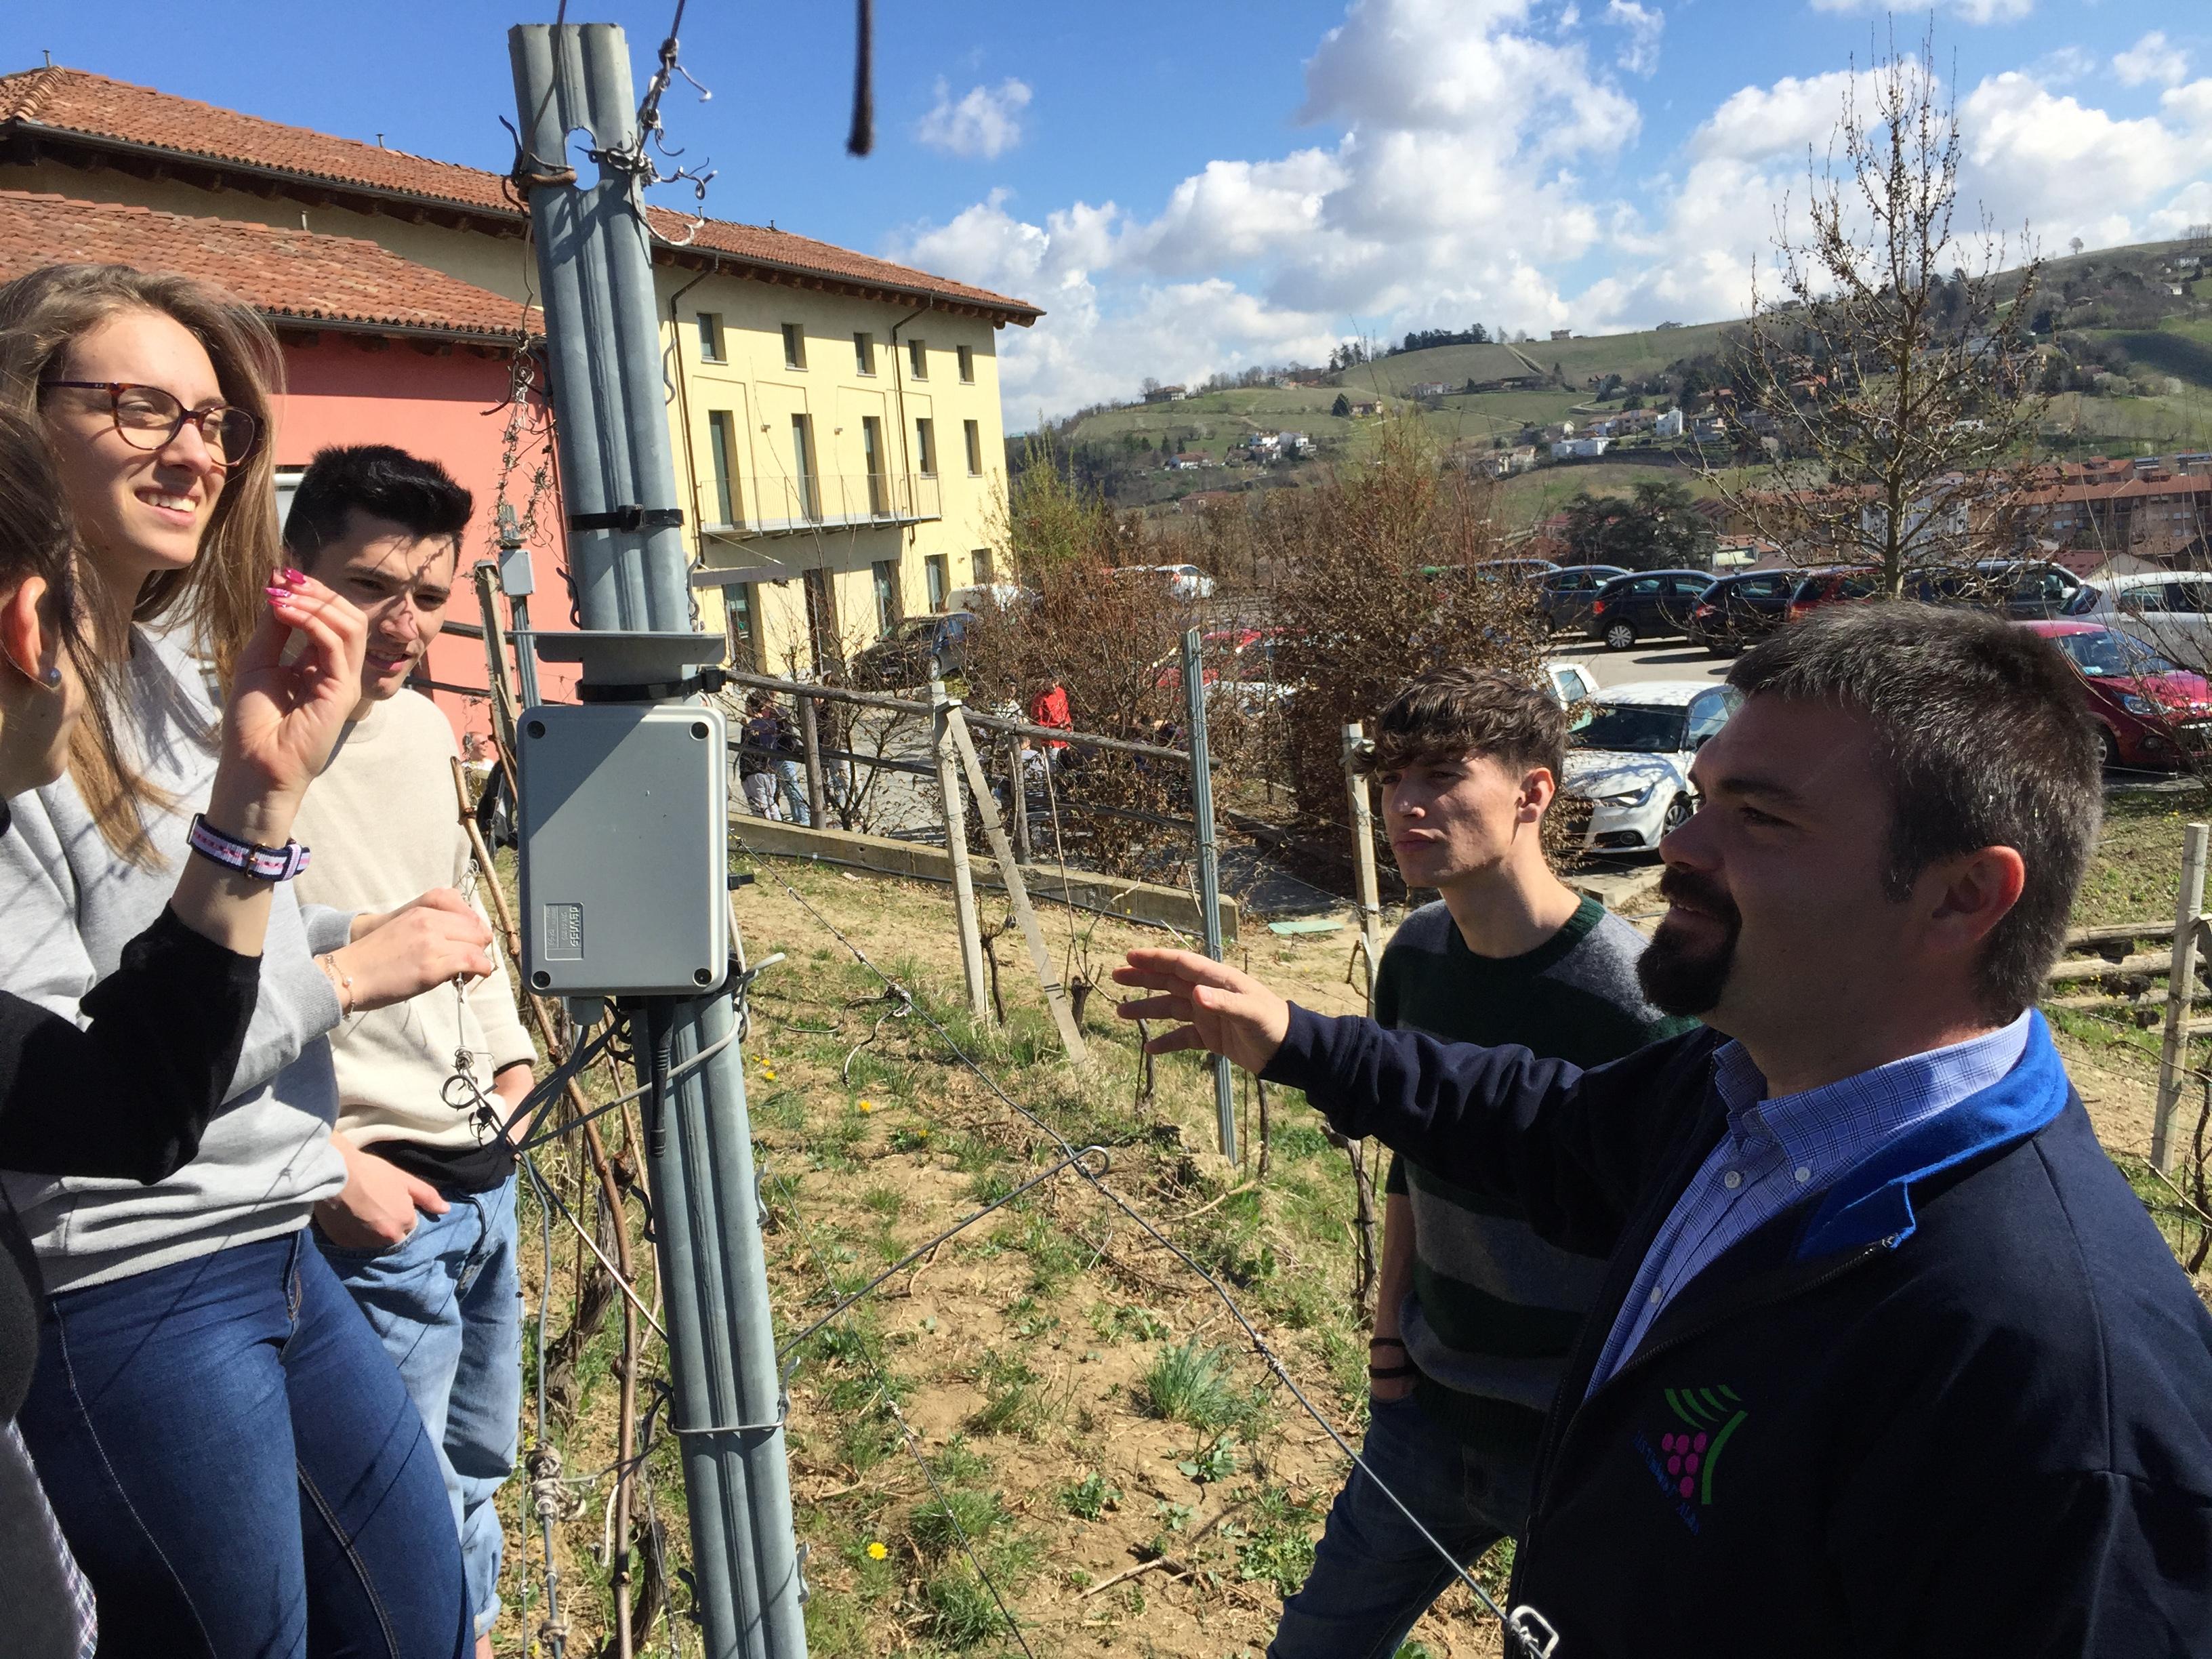 Didattica laboratoriale pratica in vigneto presso Scuola Enologica di Alba dove viene usato anche QdC - Quaderno di Campagna